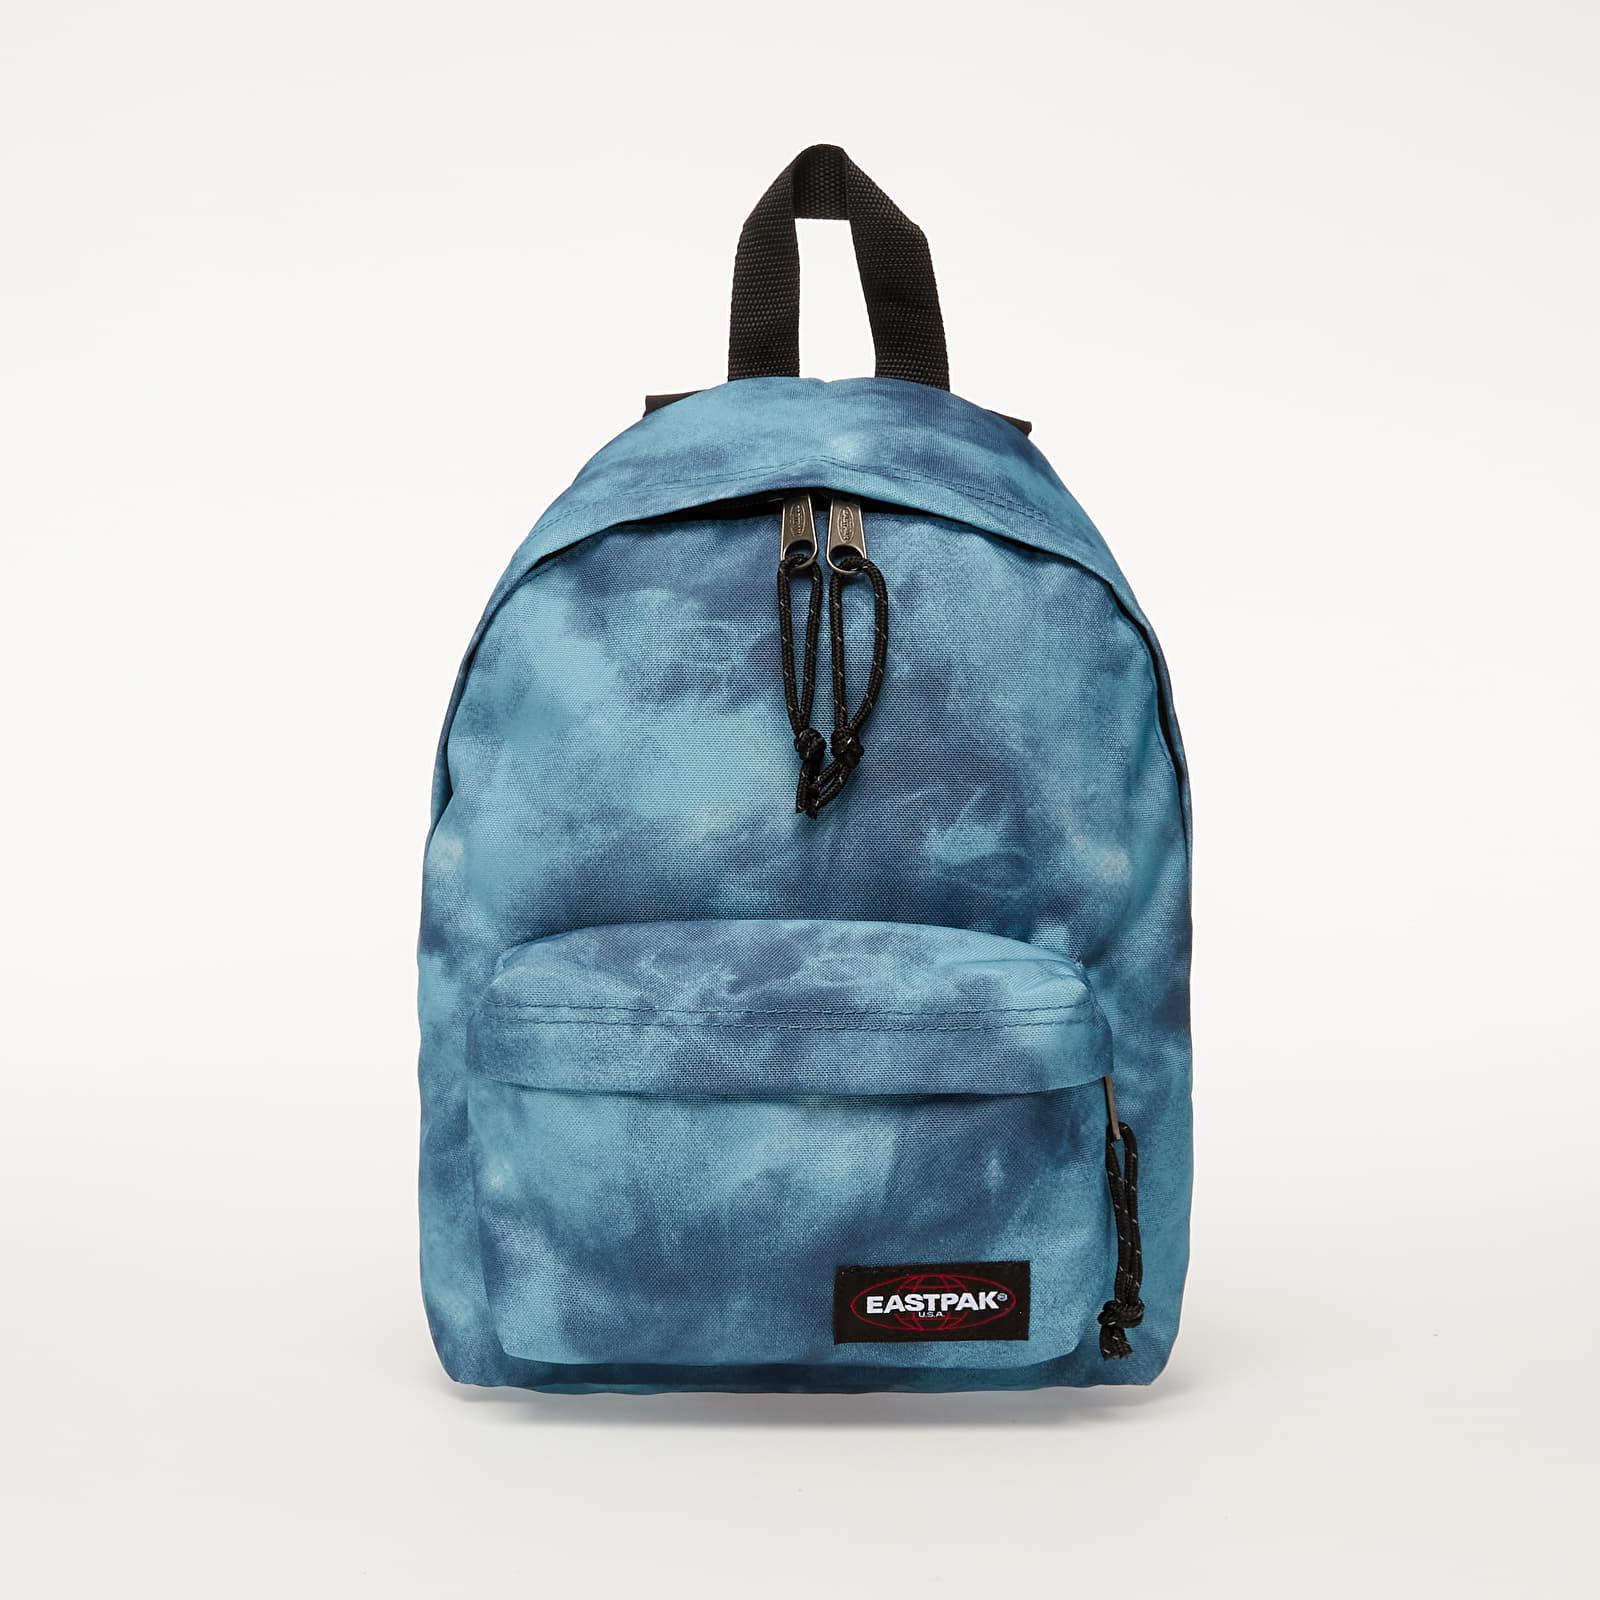 Backpacks EASTPAK Orbit Backpack Dust Chilly